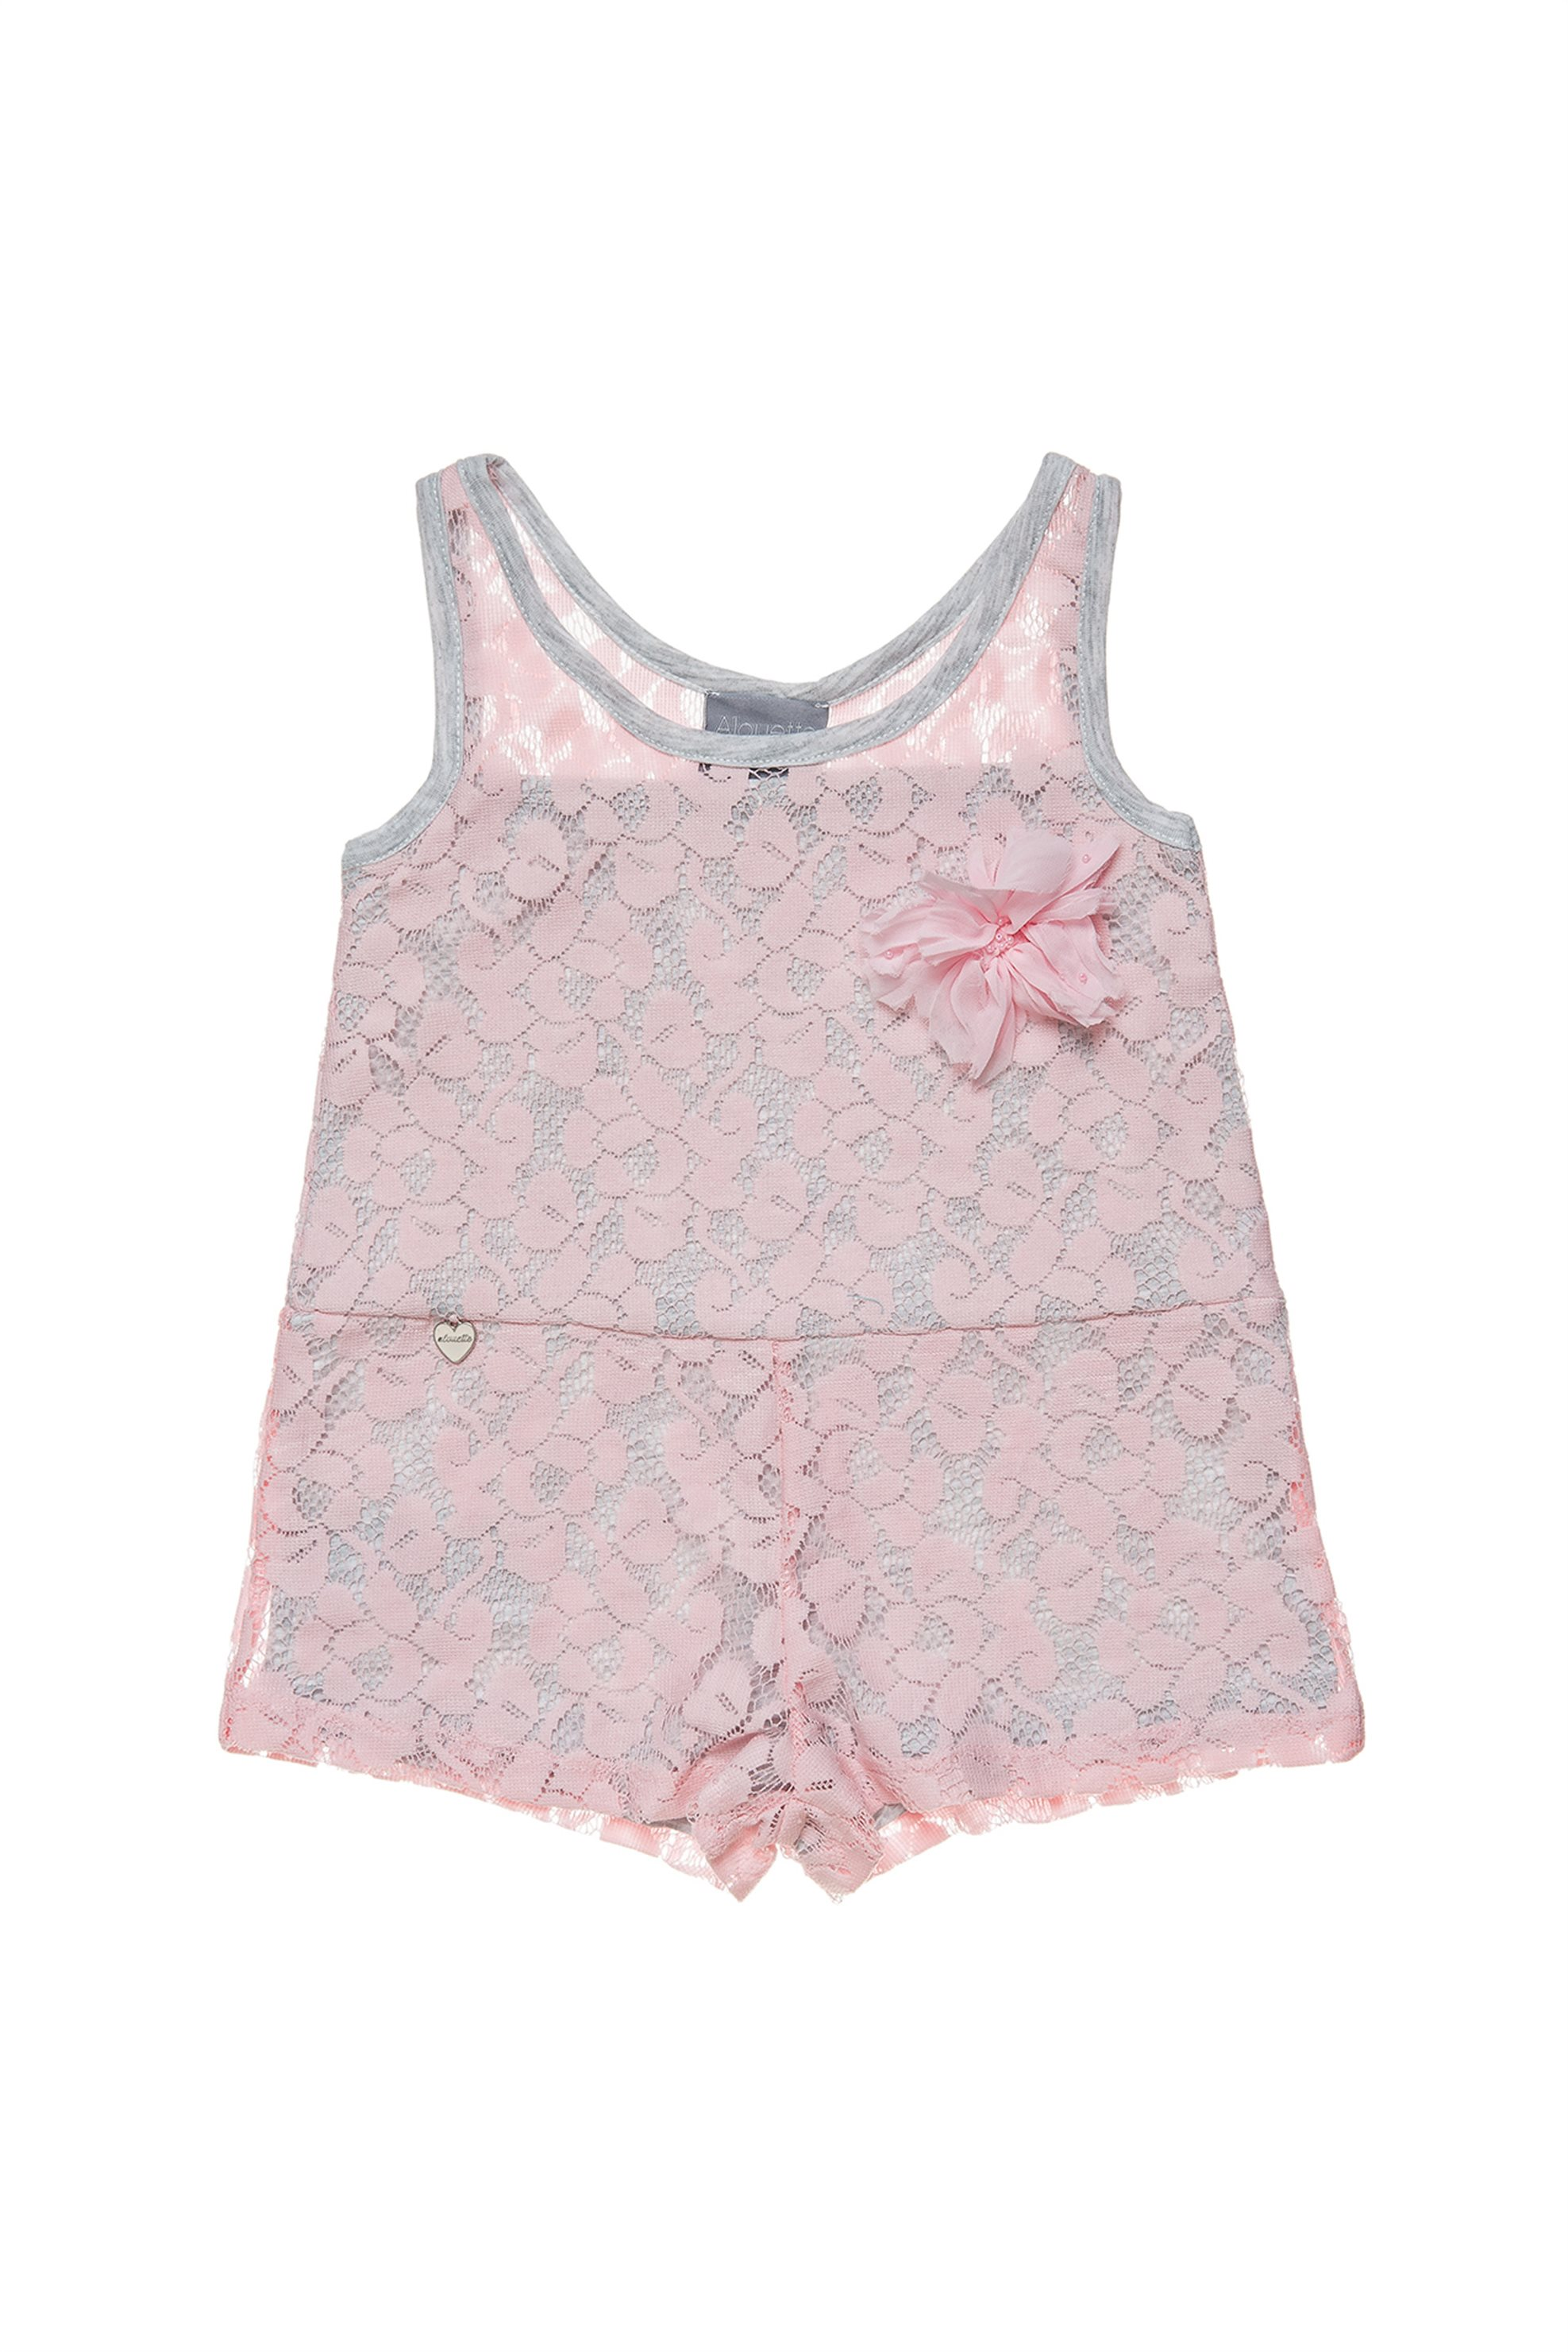 Βρεφική αμάνικη σαλοπέτα με δαντέλα Alouette - 00211782 - Ροζ παιδι   βρεφικα κοριτσι   0 3 ετων   ρούχα   σαλοπέτες